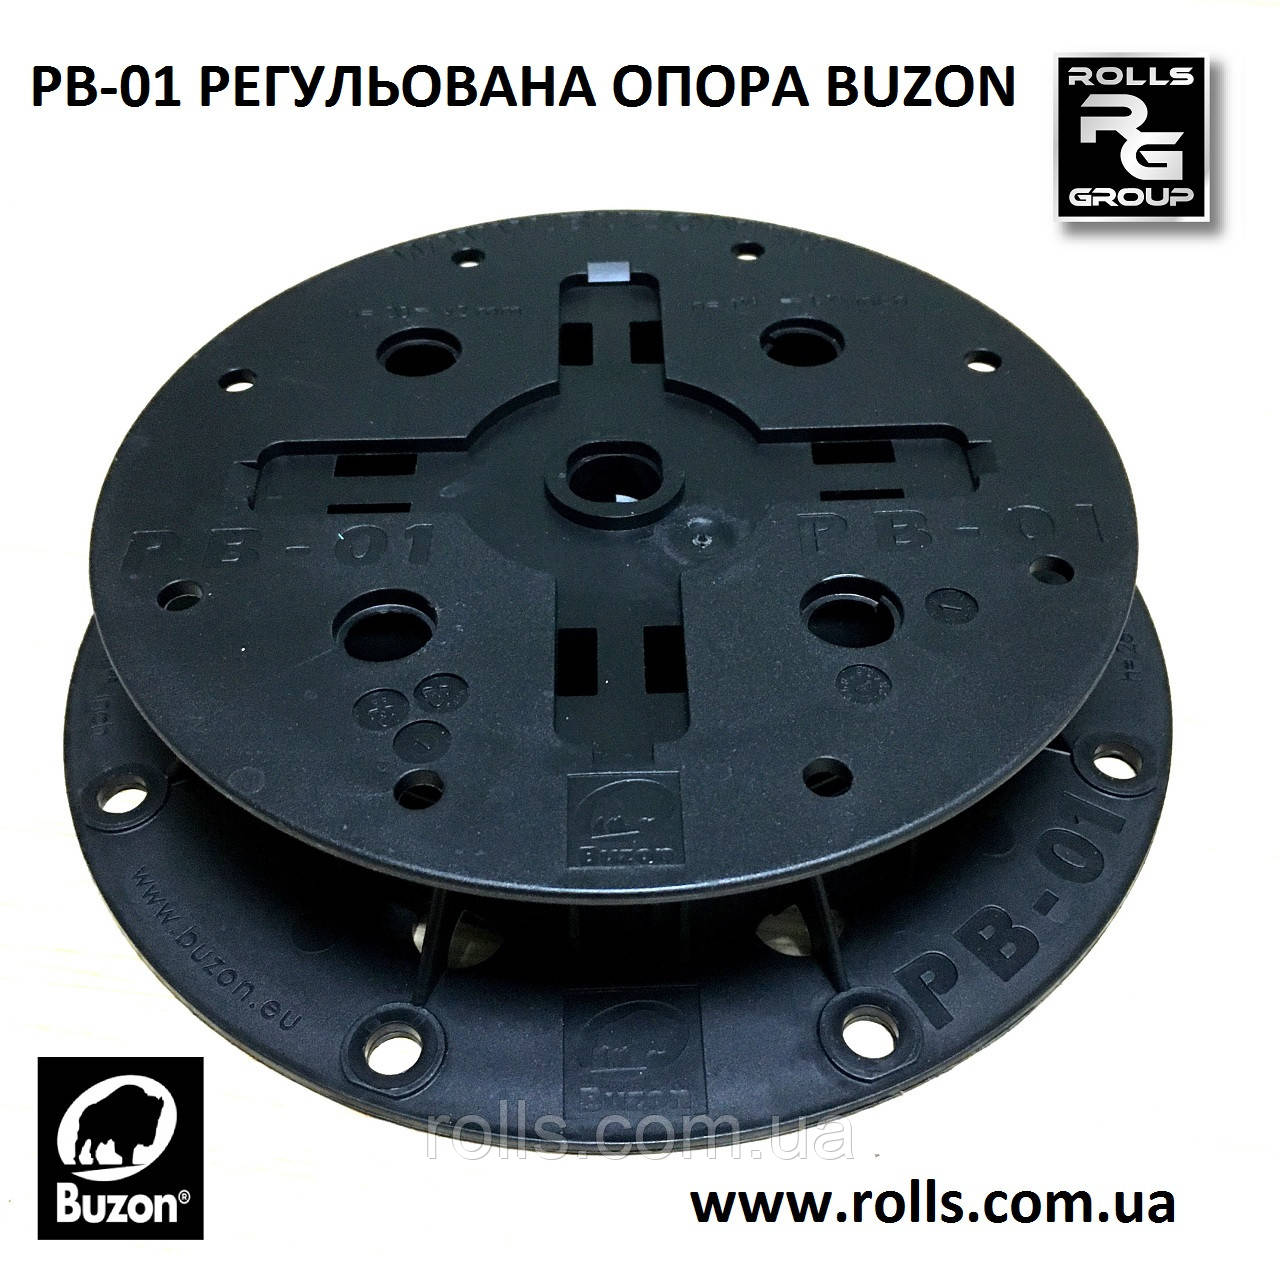 PB-01 Регулируемая опора h28-42мм без корректора уклона Buzon терраса, отмостка бассейна